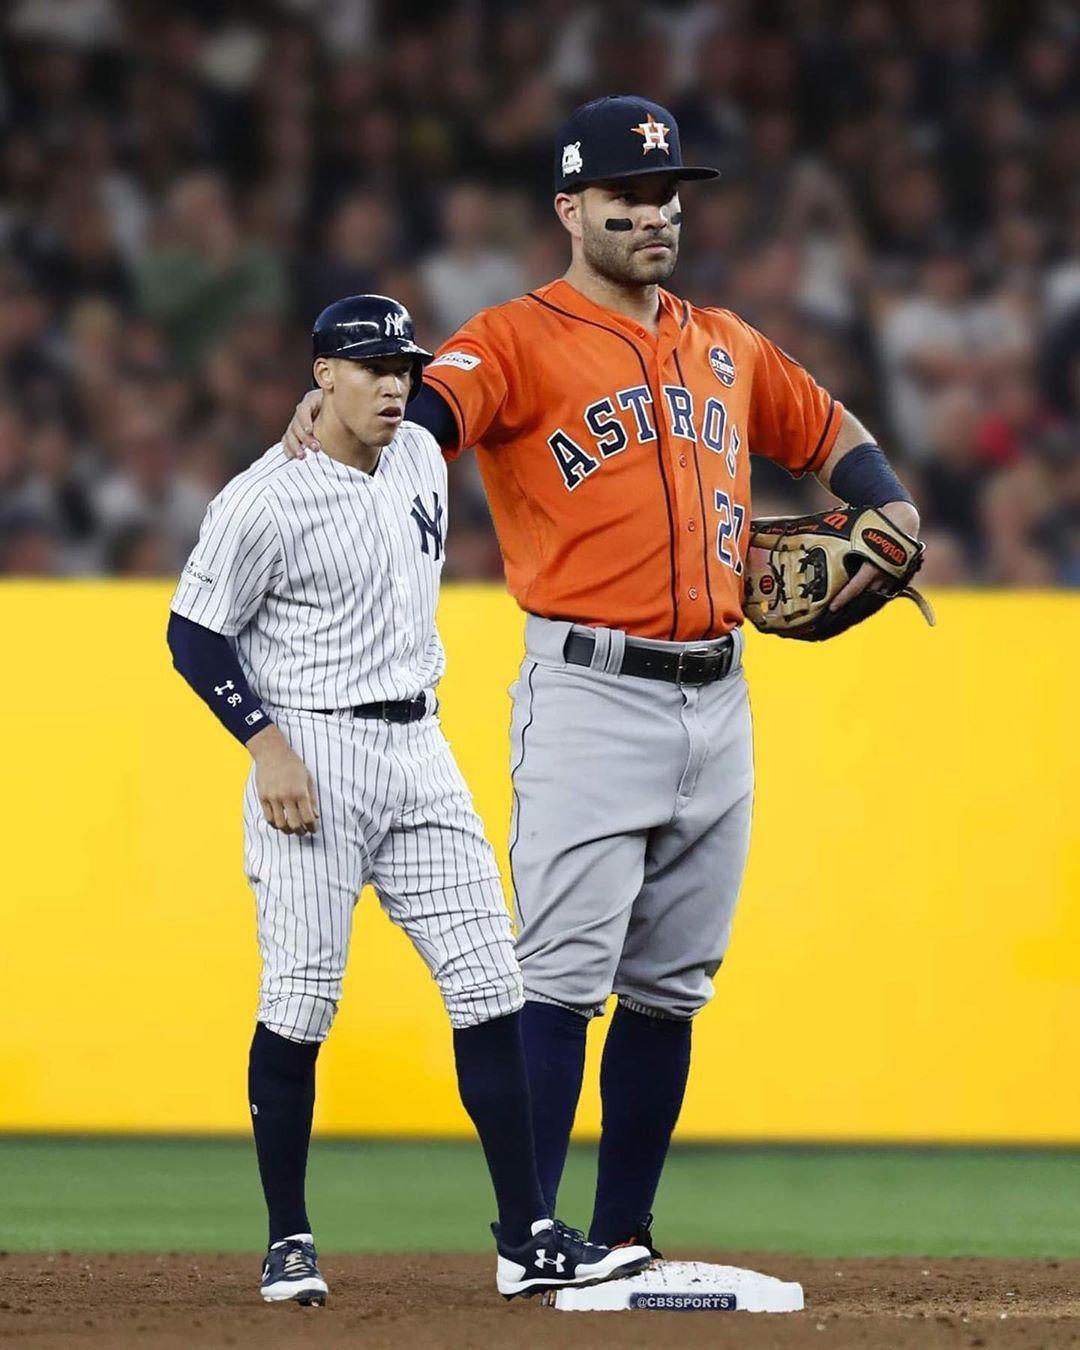 좋아요 82 8천개 댓글 687개 Instagram의 Mlb Memes Mlbmemes 님 Oh Man This Is Great Credit Cbssports In 2020 Astros Baseball Baseball Memes Jose Altuve